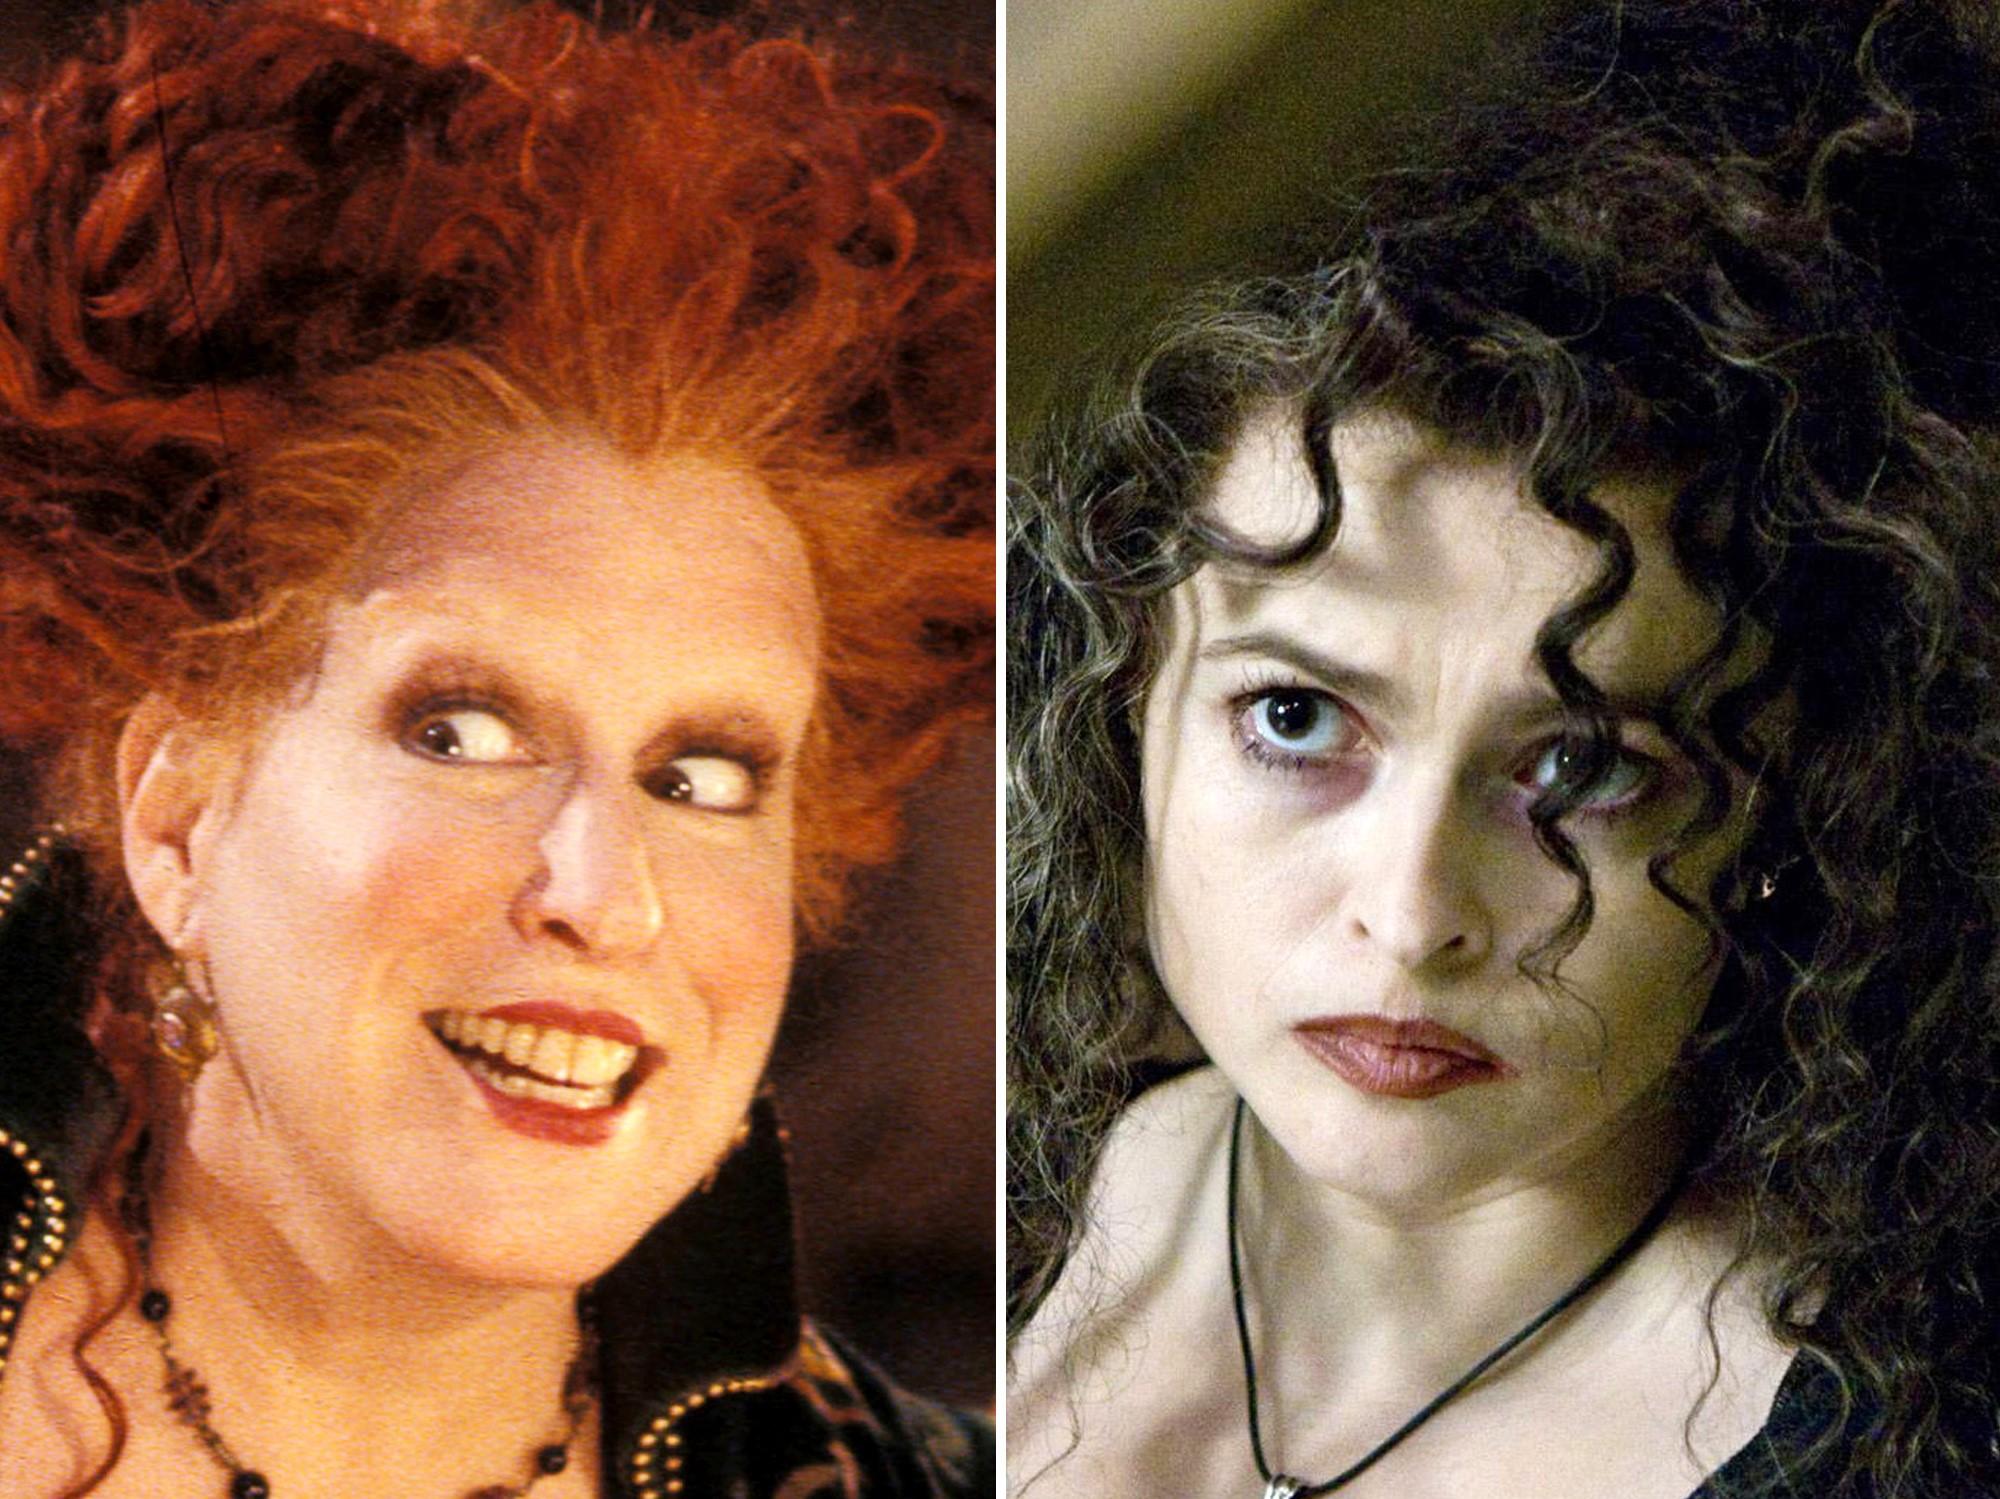 Vous pouvez également choisir un personnage tout en regardant vos films d'Halloween préférés.